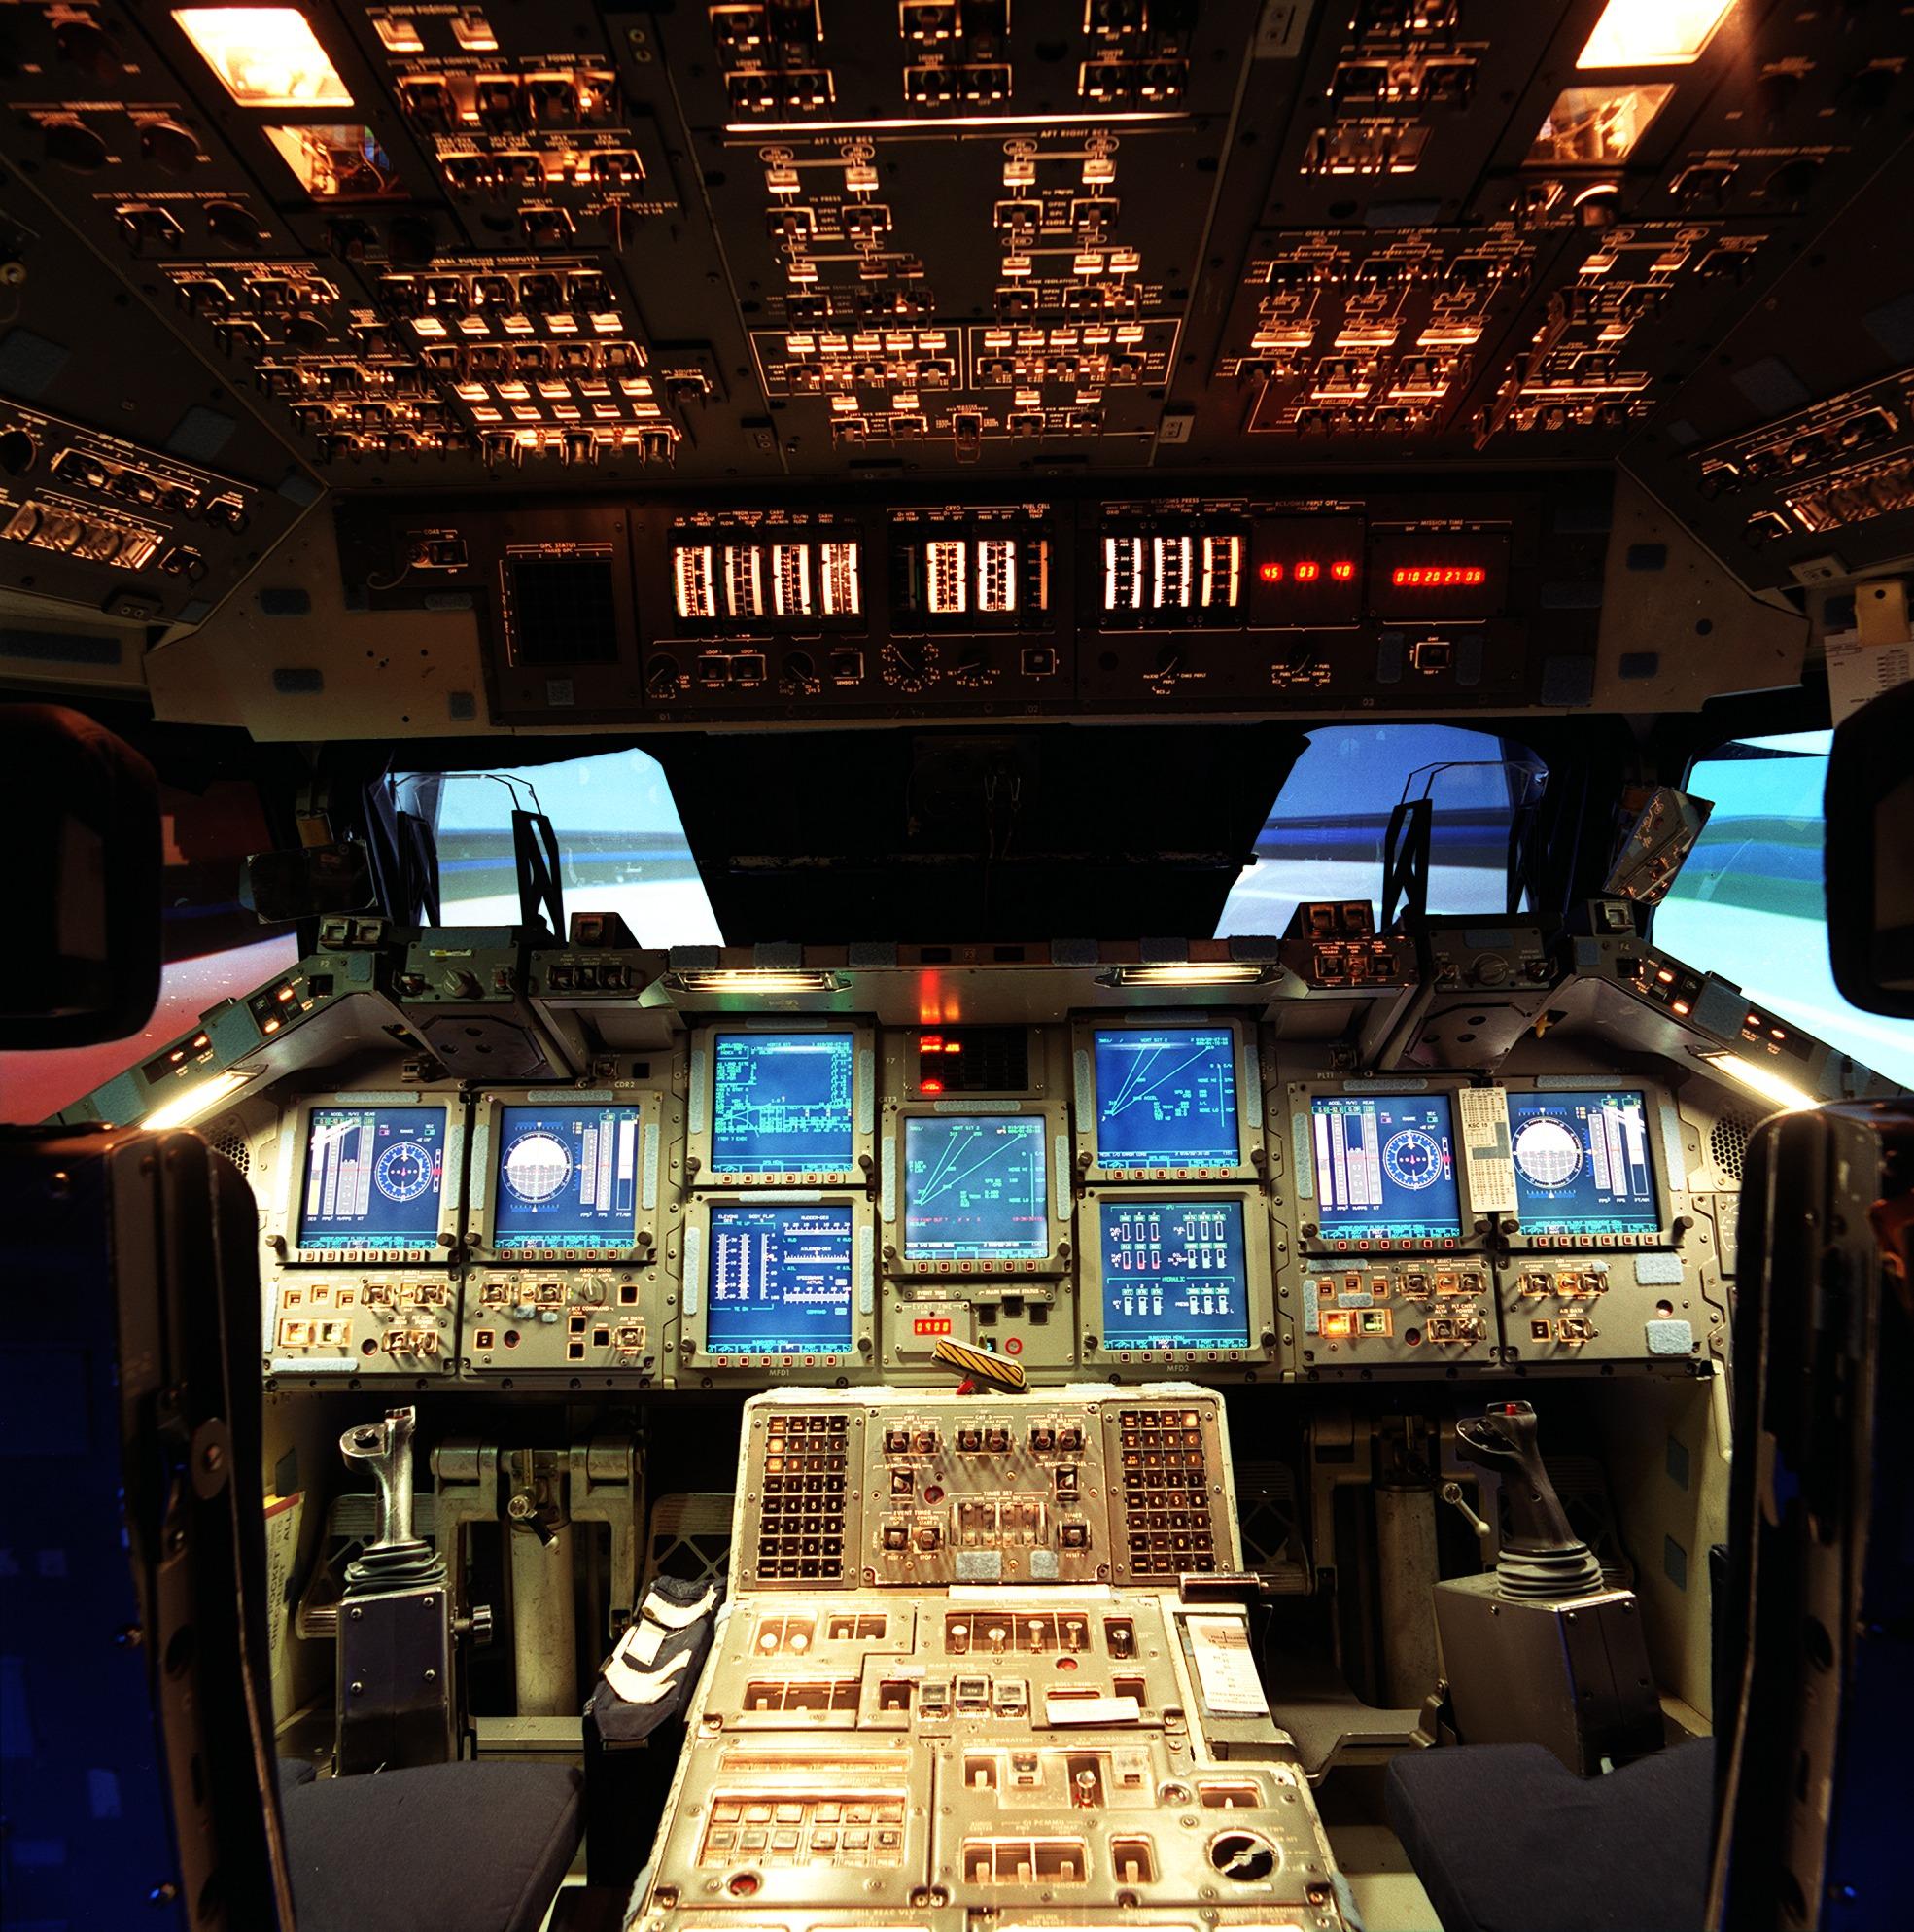 Comment se pilote véritablement la navette spatiale ? - Page 3 Shuttle_cockpit